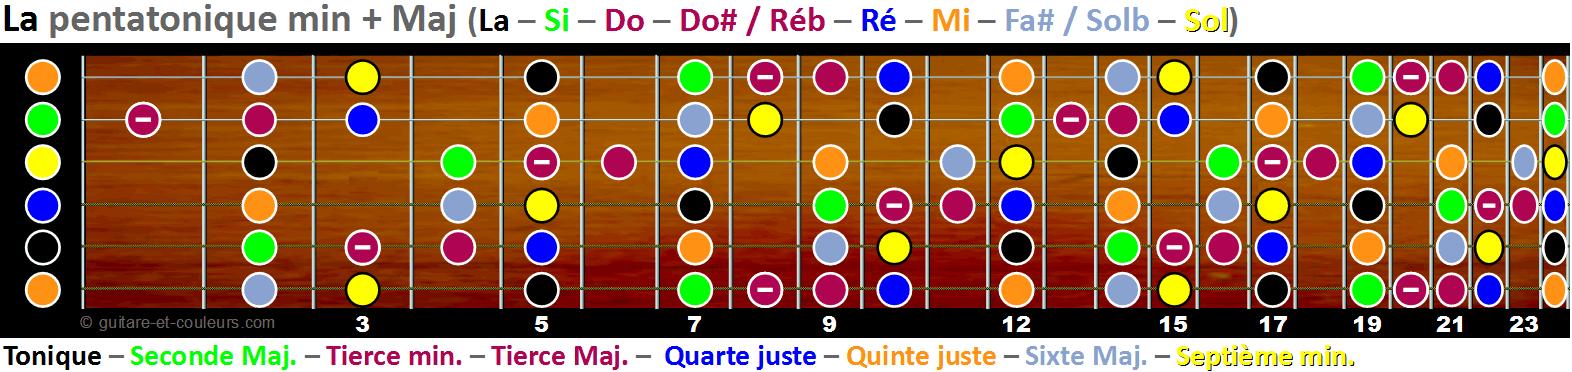 Mixer les gammes pentatoniques mineure et Majeure. Manche complet en La.